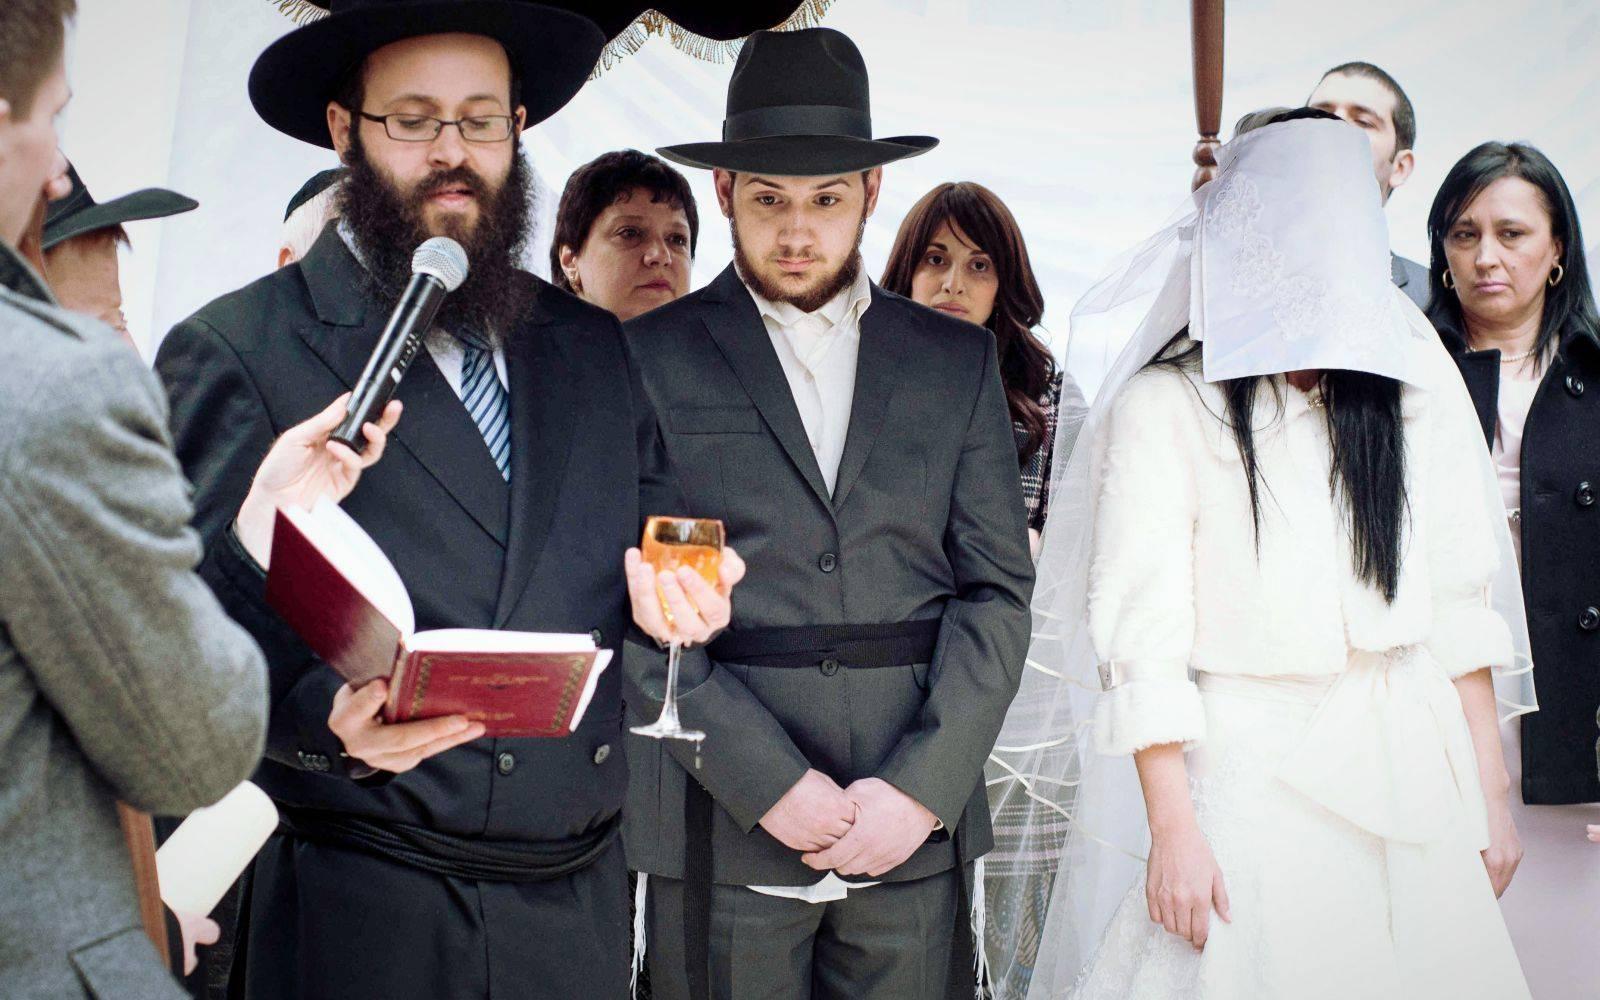 Регистрация брака за границей: в израиле, турции, тайланде и других странах